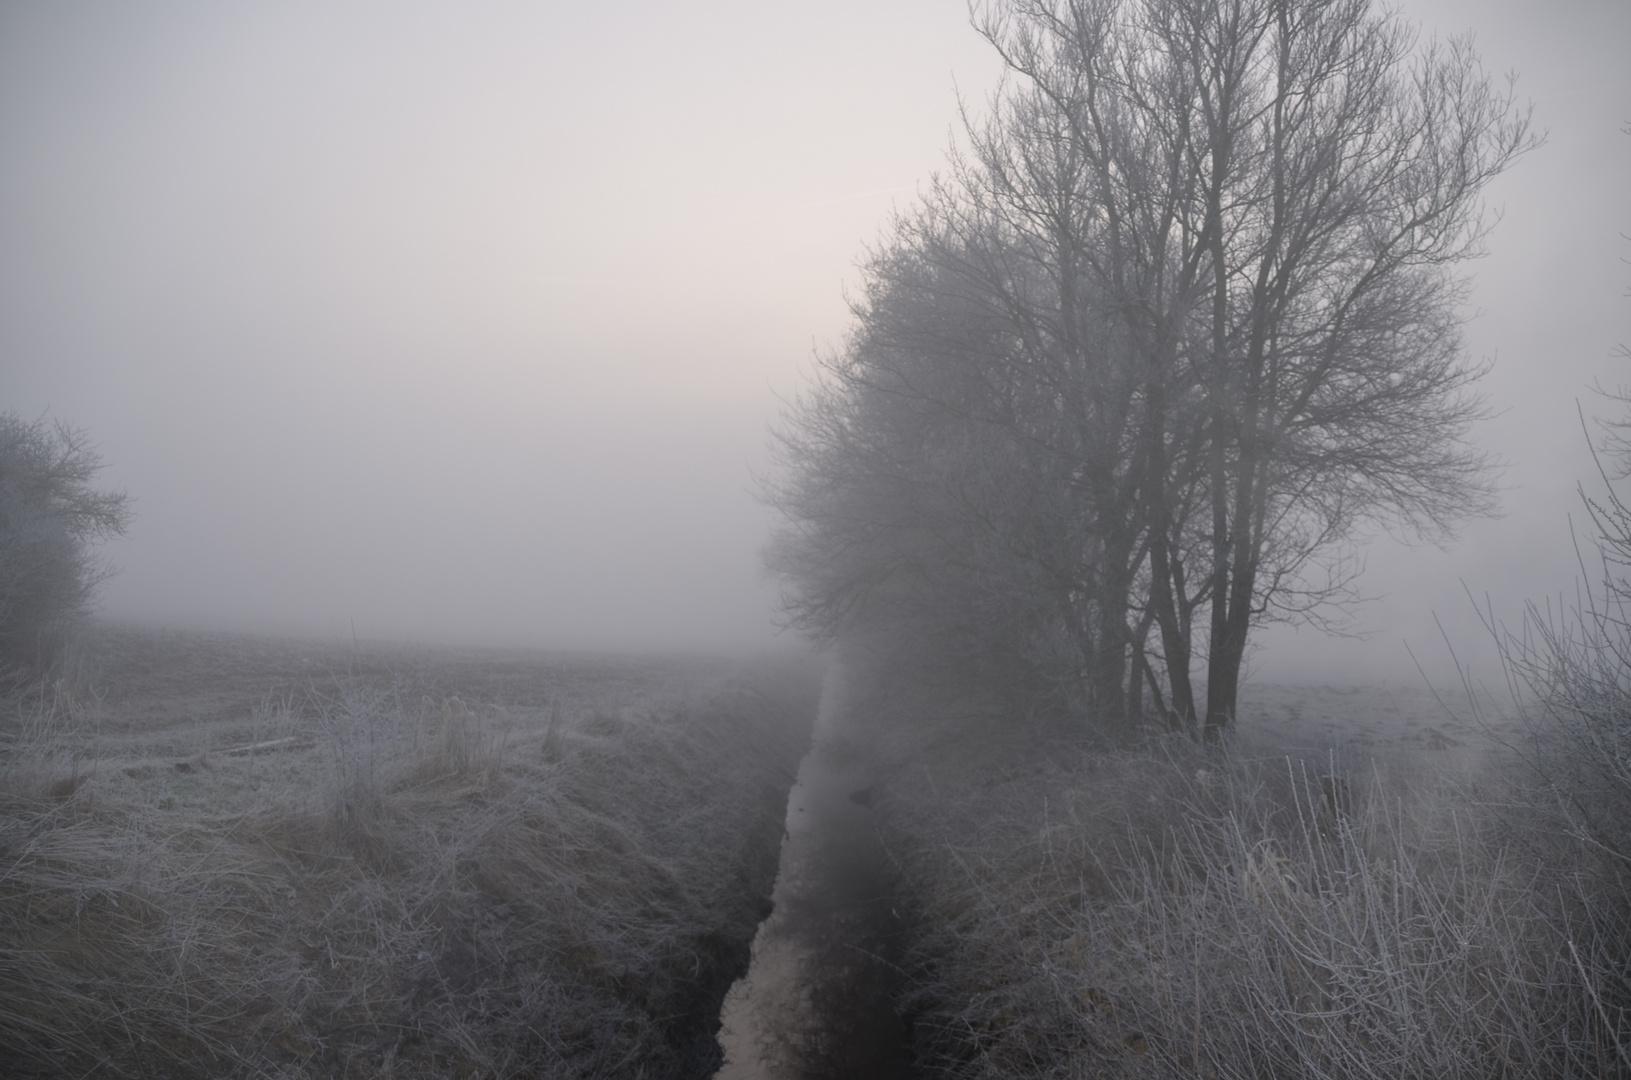 Nebel kommt auf